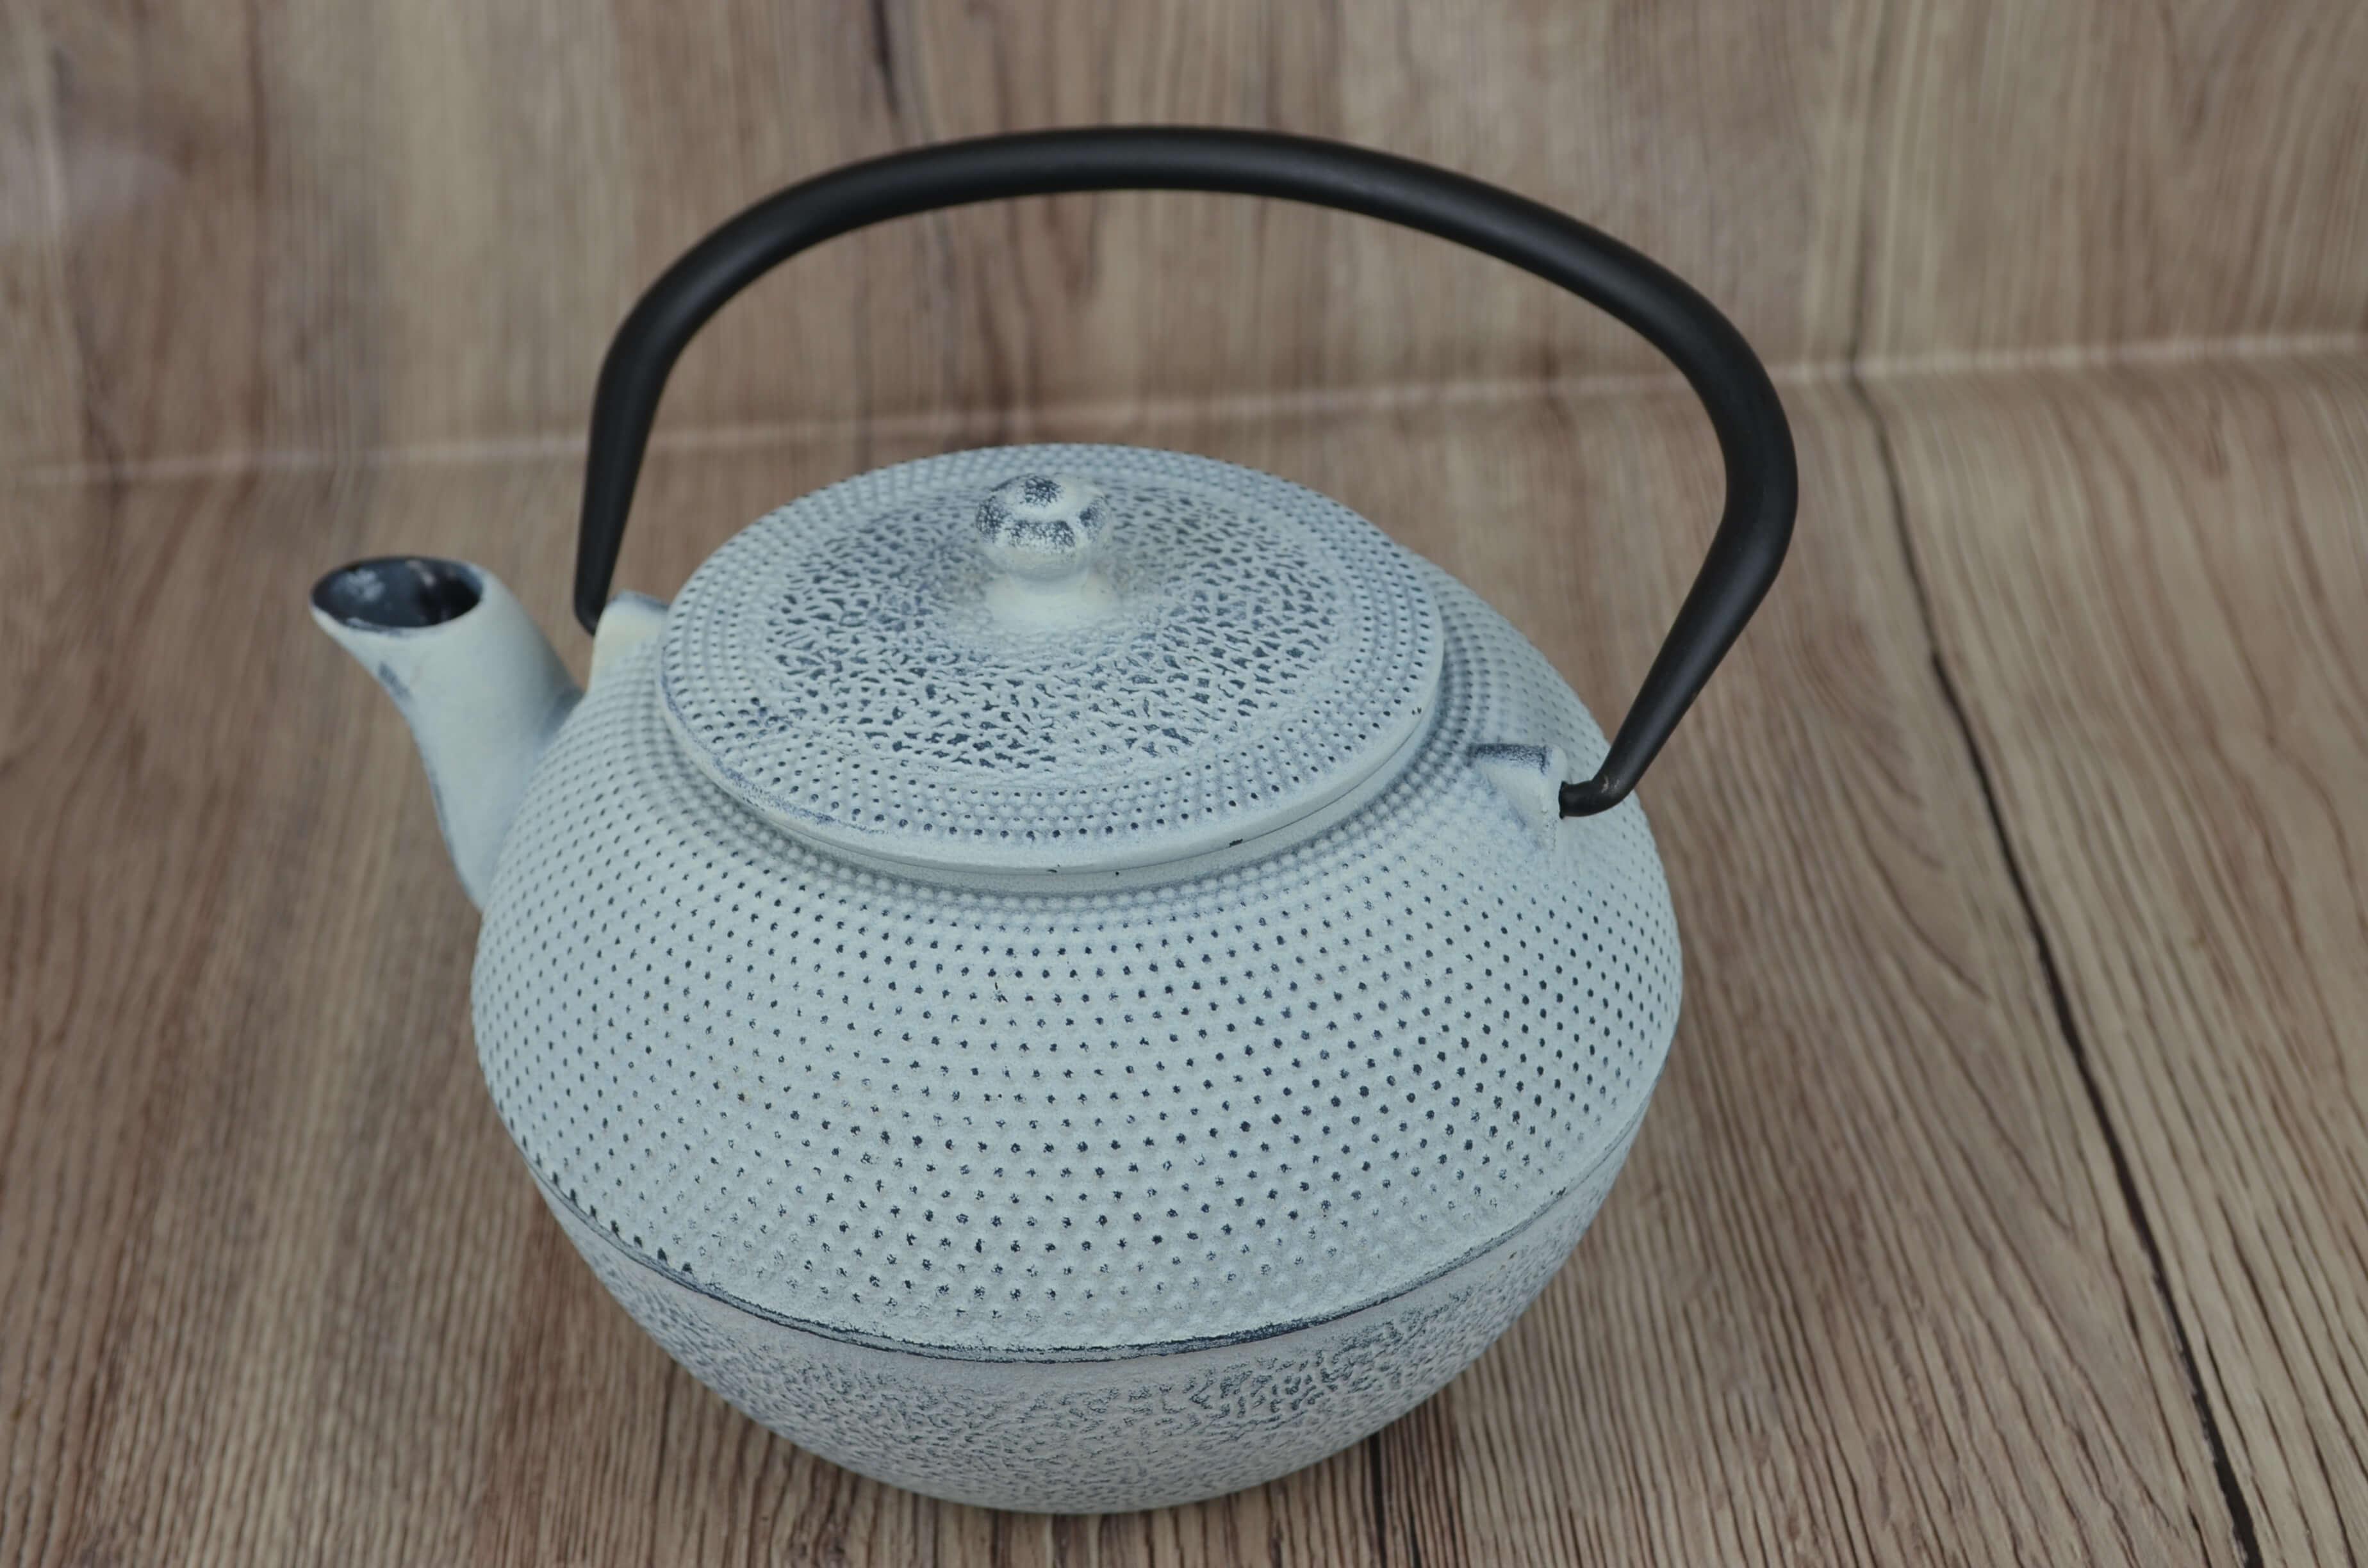 żeliwny biały dzbanek do parzenia herbaty, żeliwny dzbanek